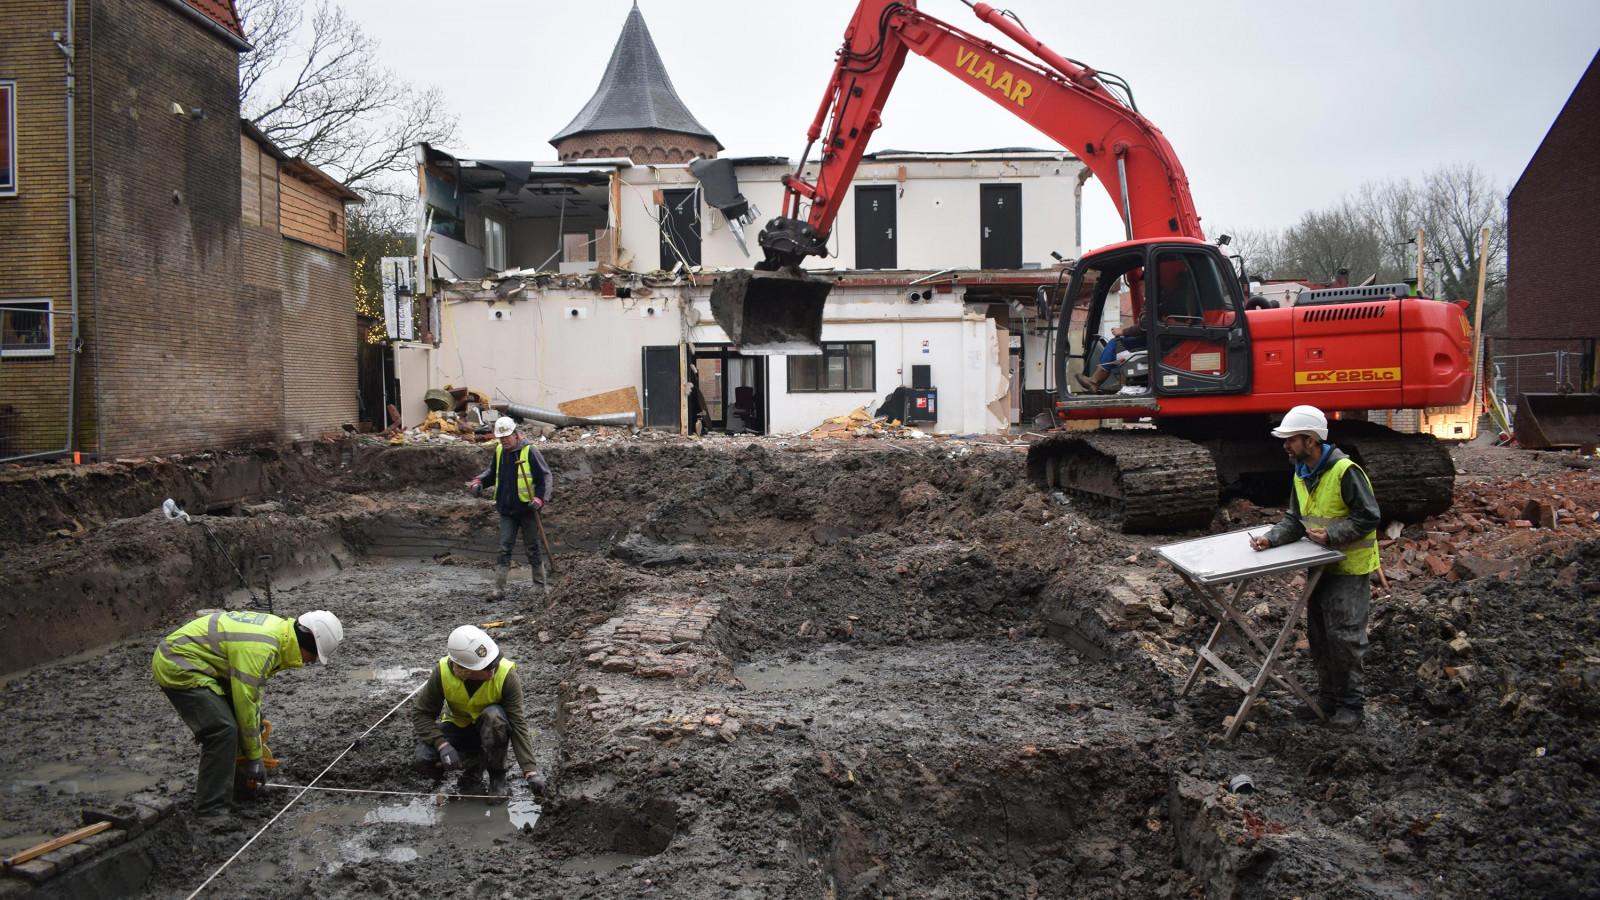 De opgraving met op de achtergrond de toren van het kasteel. Foto: Archeologie West Friesland